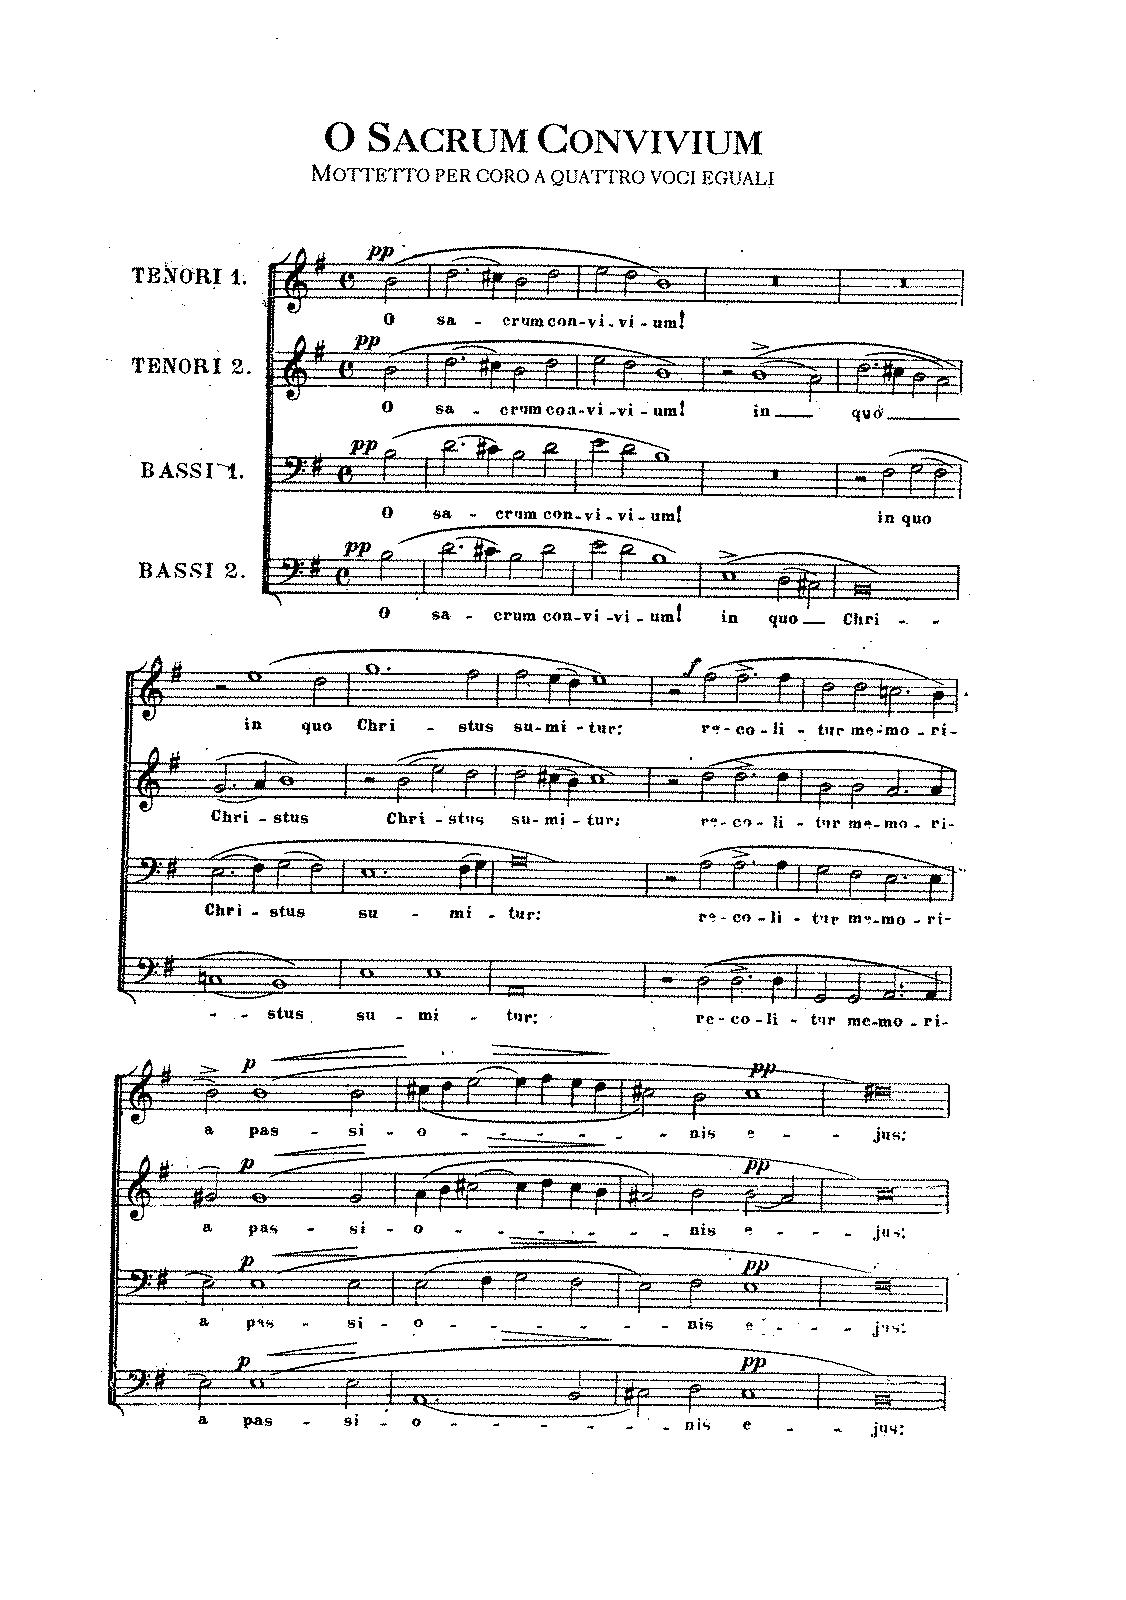 O sacrum convivium (Perosi, Lorenzo)